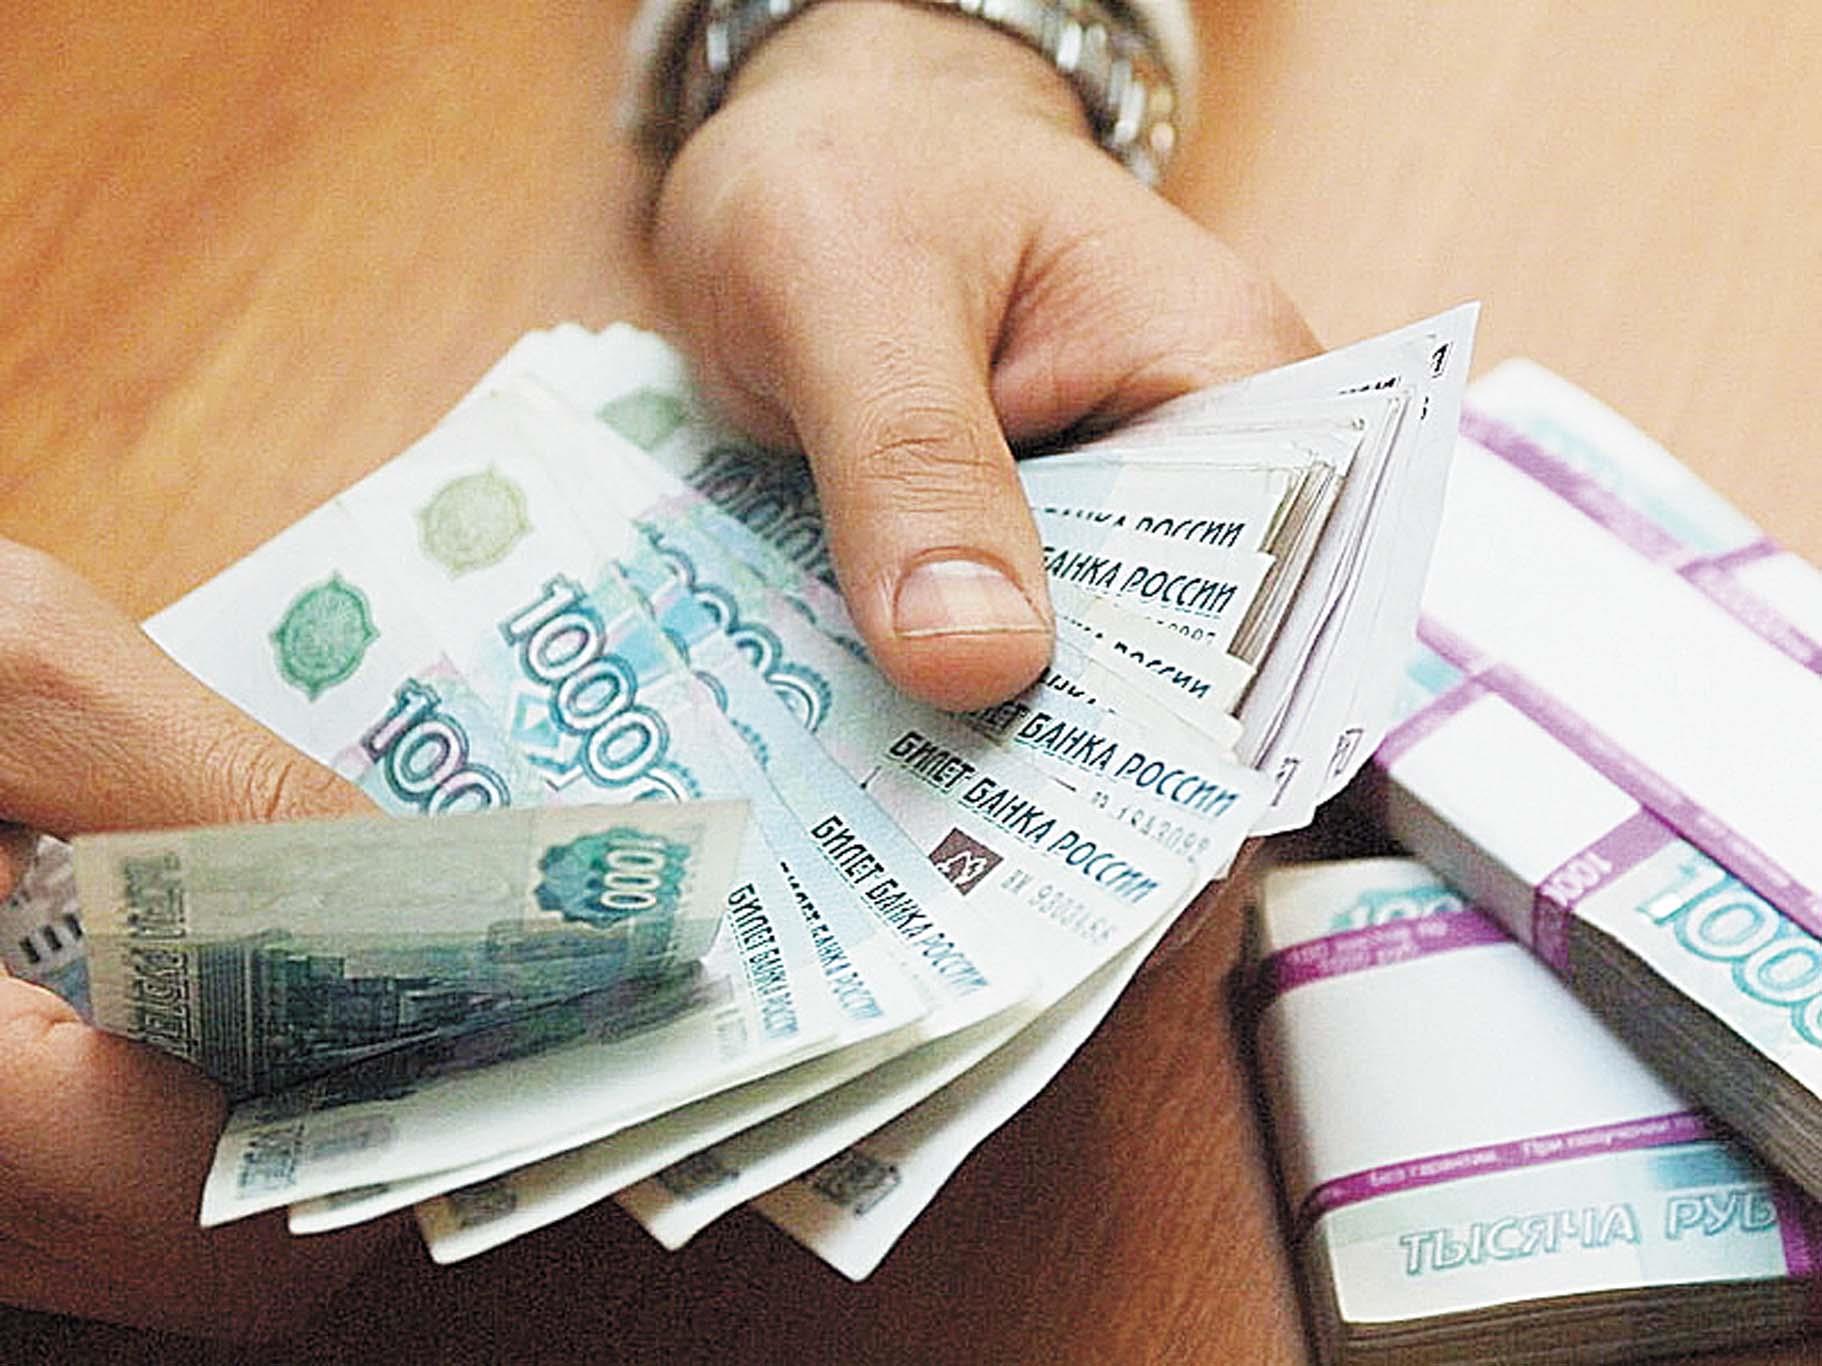 Кредит, зам, деньги в долг в сумме от 300 000 до 3 млн. Нужны деньги, обращайте